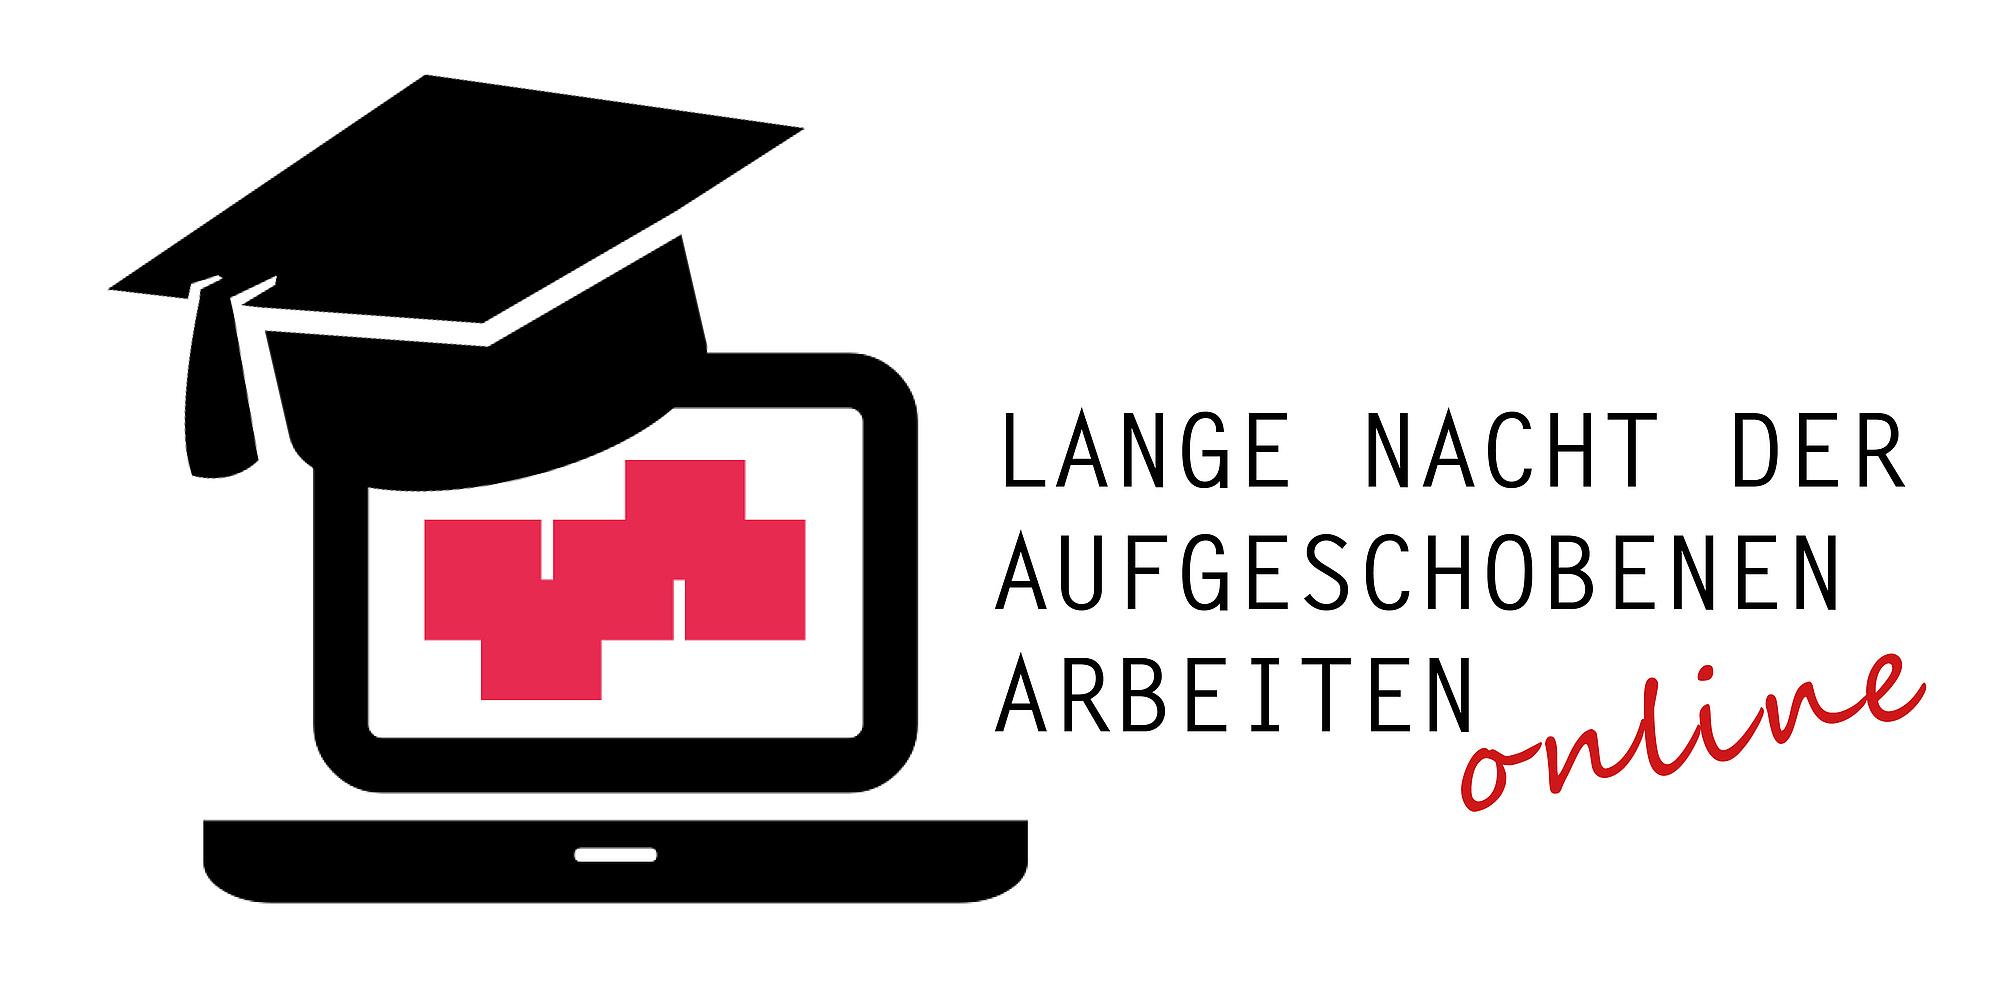 Notebook mit Doktorhut. Text: Lange Nacht der aufgeschobenen Arbeiten online.